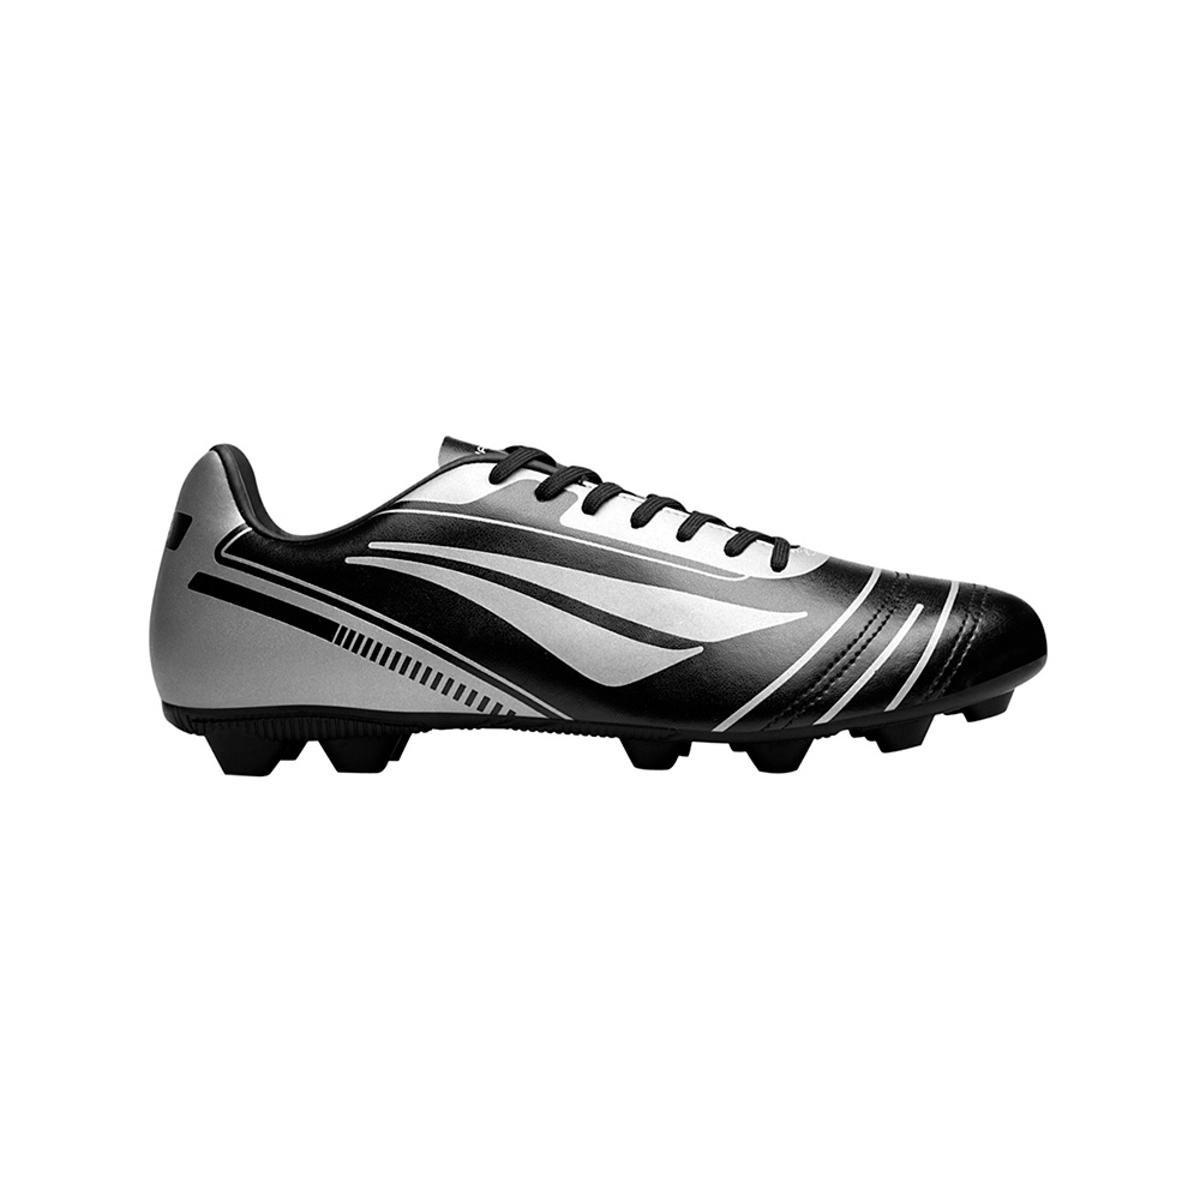 Chuteira Futebol De Campo Penalty Era Vi - Compre Agora  bc2385084d93e